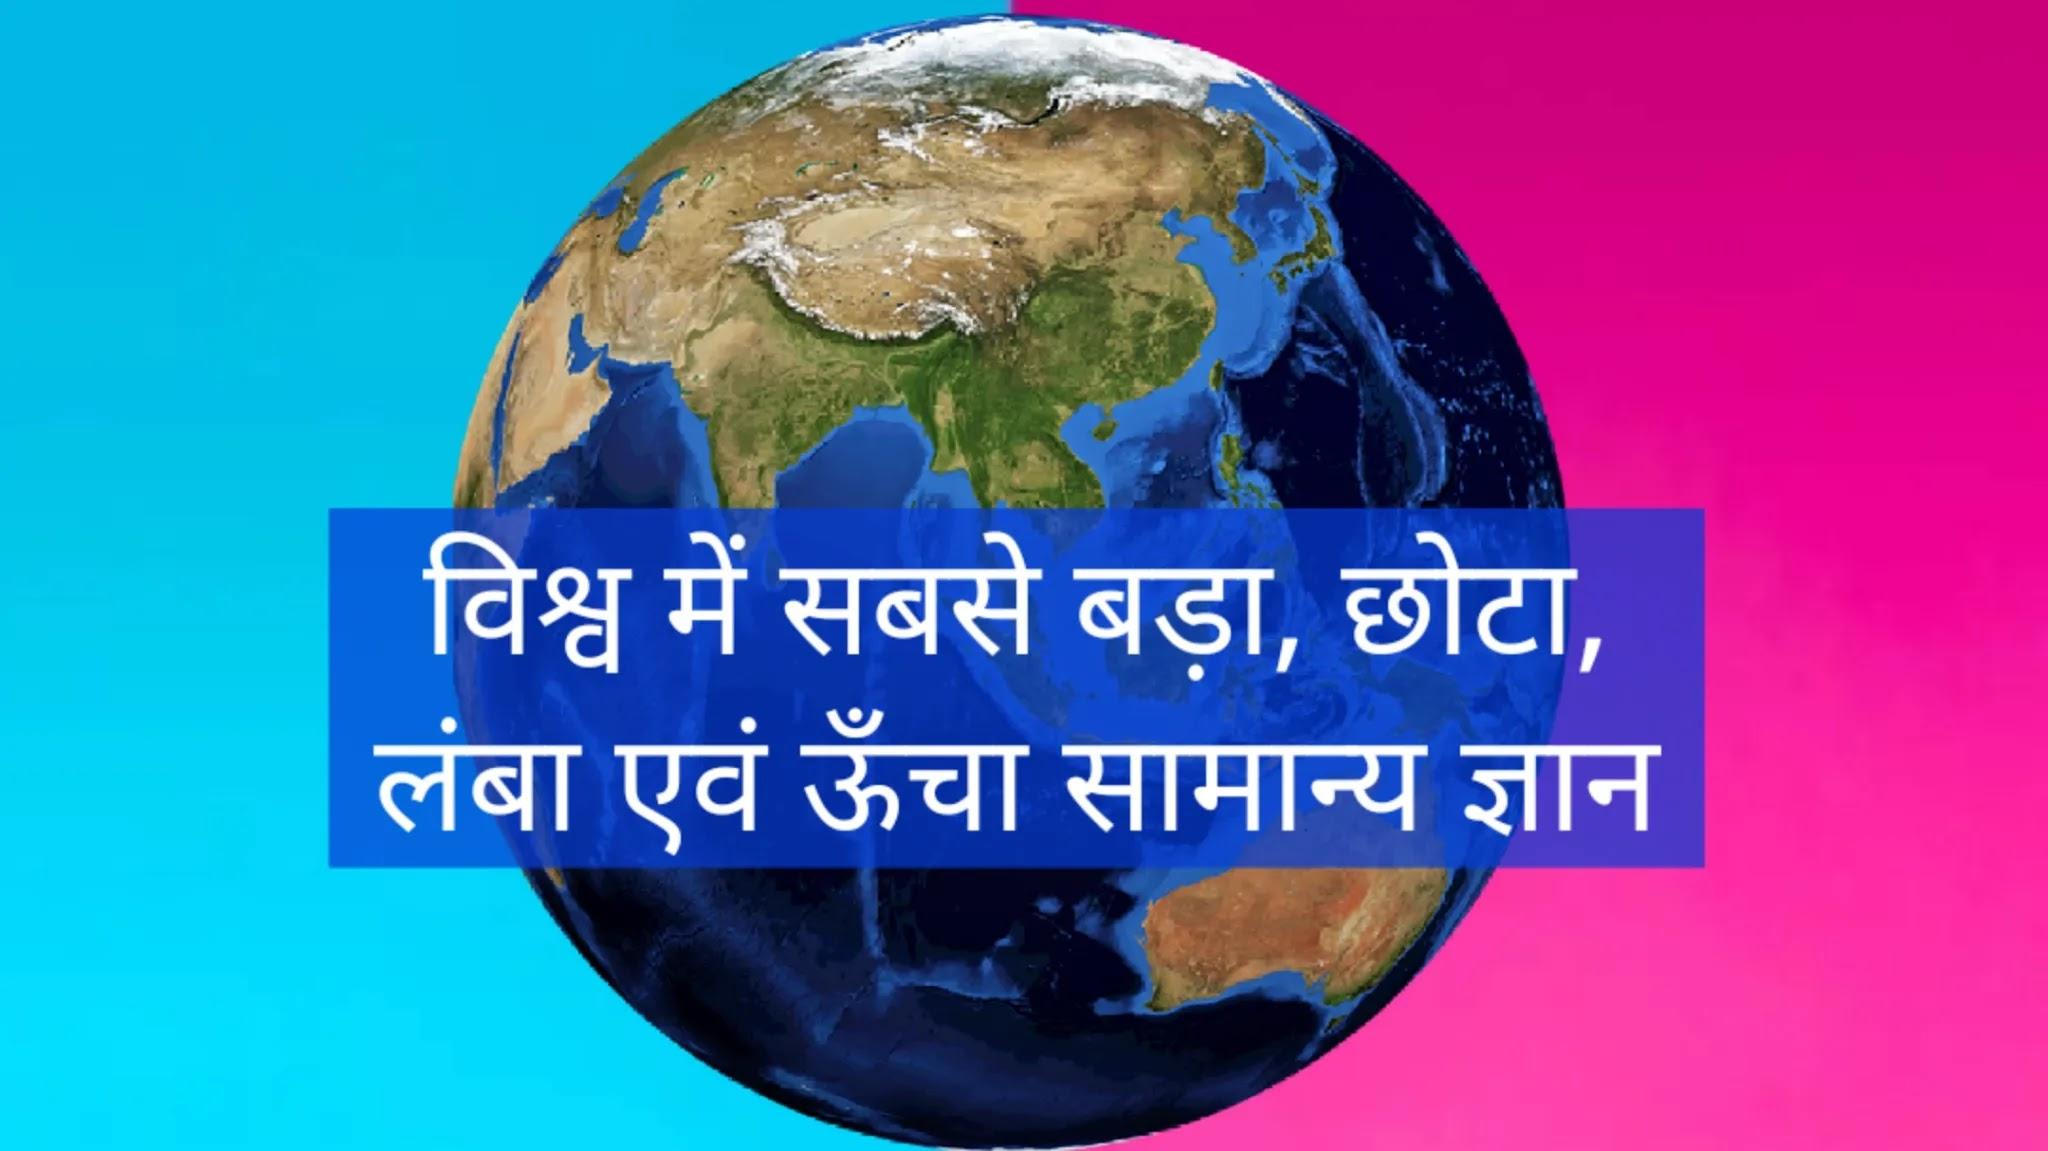 विश्व में सबसे बड़ा, छोटा, लंबा एवं ऊँचा सामान्य ज्ञान, विश्व में सबसे बड़ा, विश्व मे सबसे छोटा, विश्व मे सबसे लंबा और विश्व मे सबसे ऊँचा सामान्य ज्ञान, World's Largest, Smallest, Longest and Highest General Knowledge